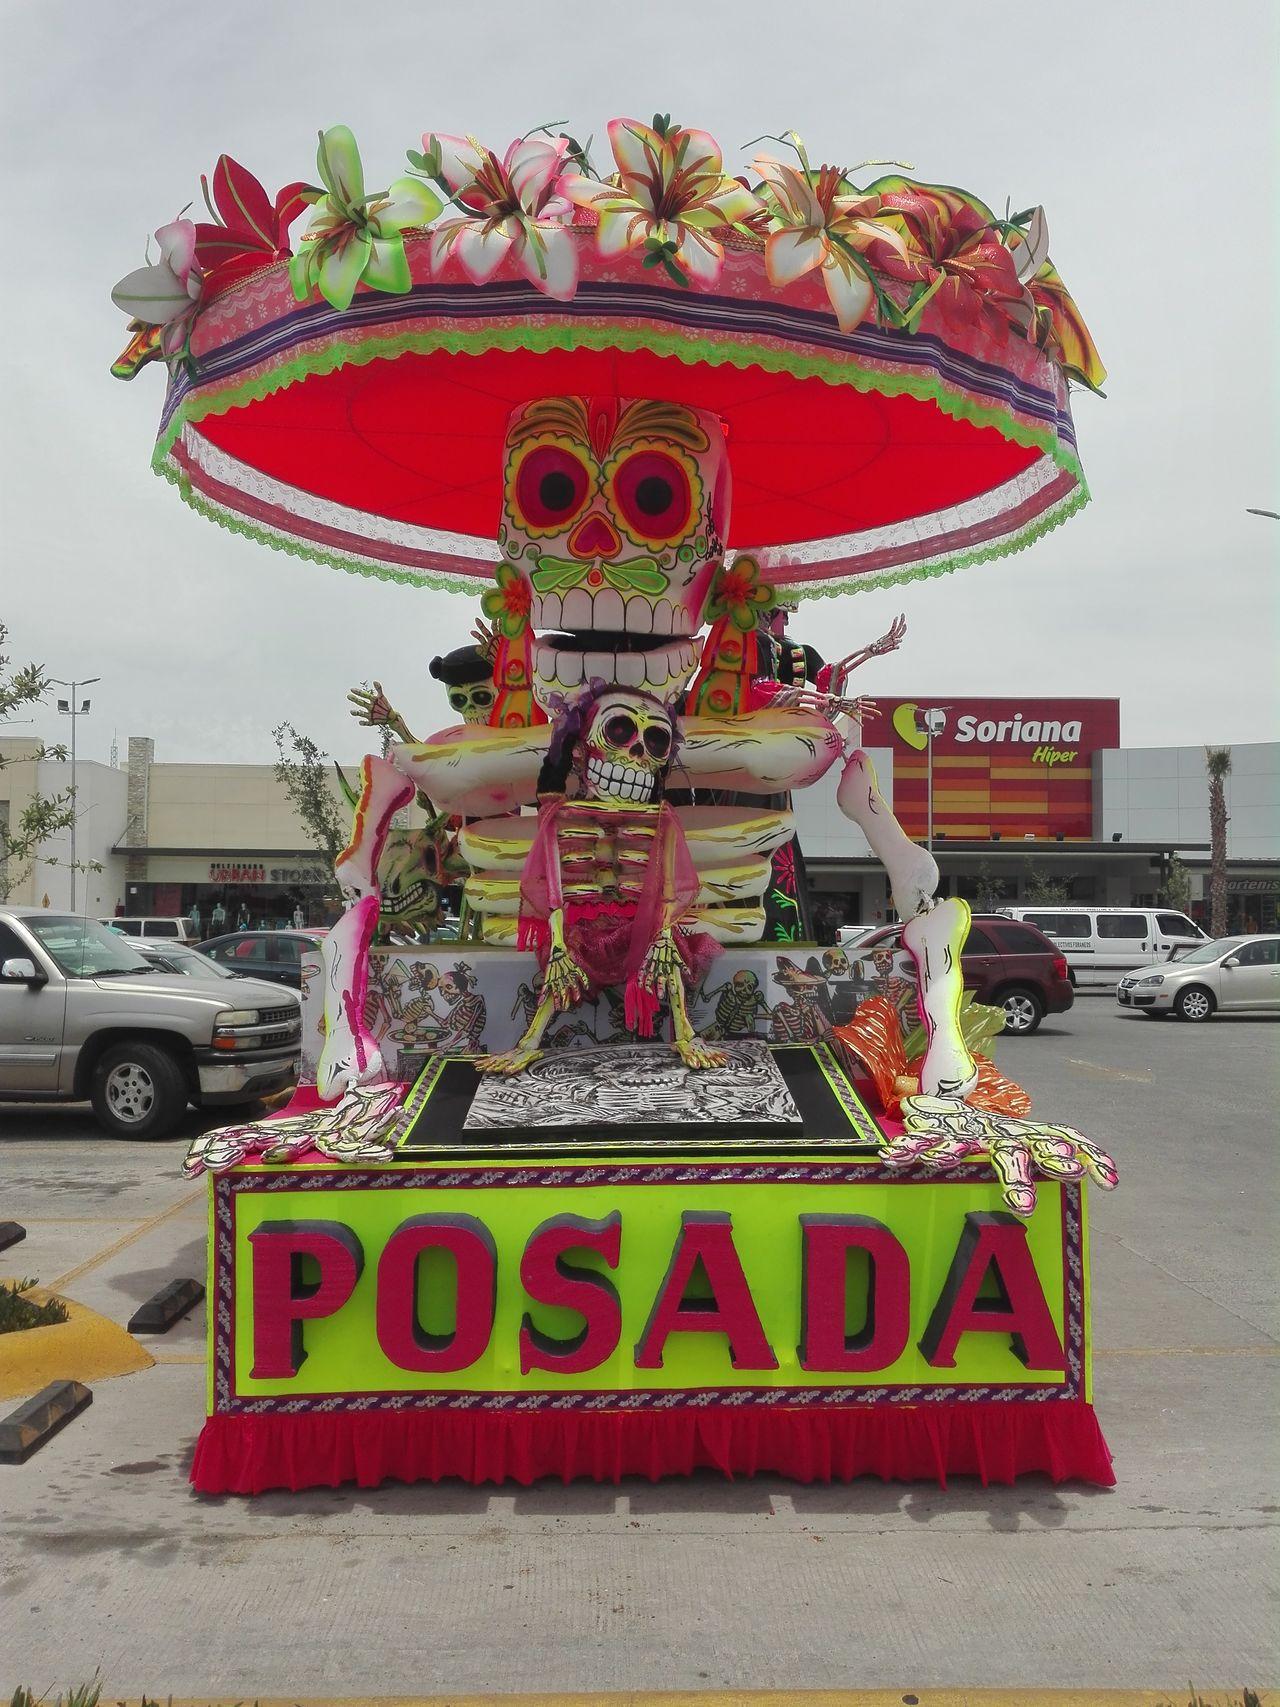 Posada Catrina Day Of The Dead Catrinas Day Of The Dead November 2nd Tradiciones Mexico